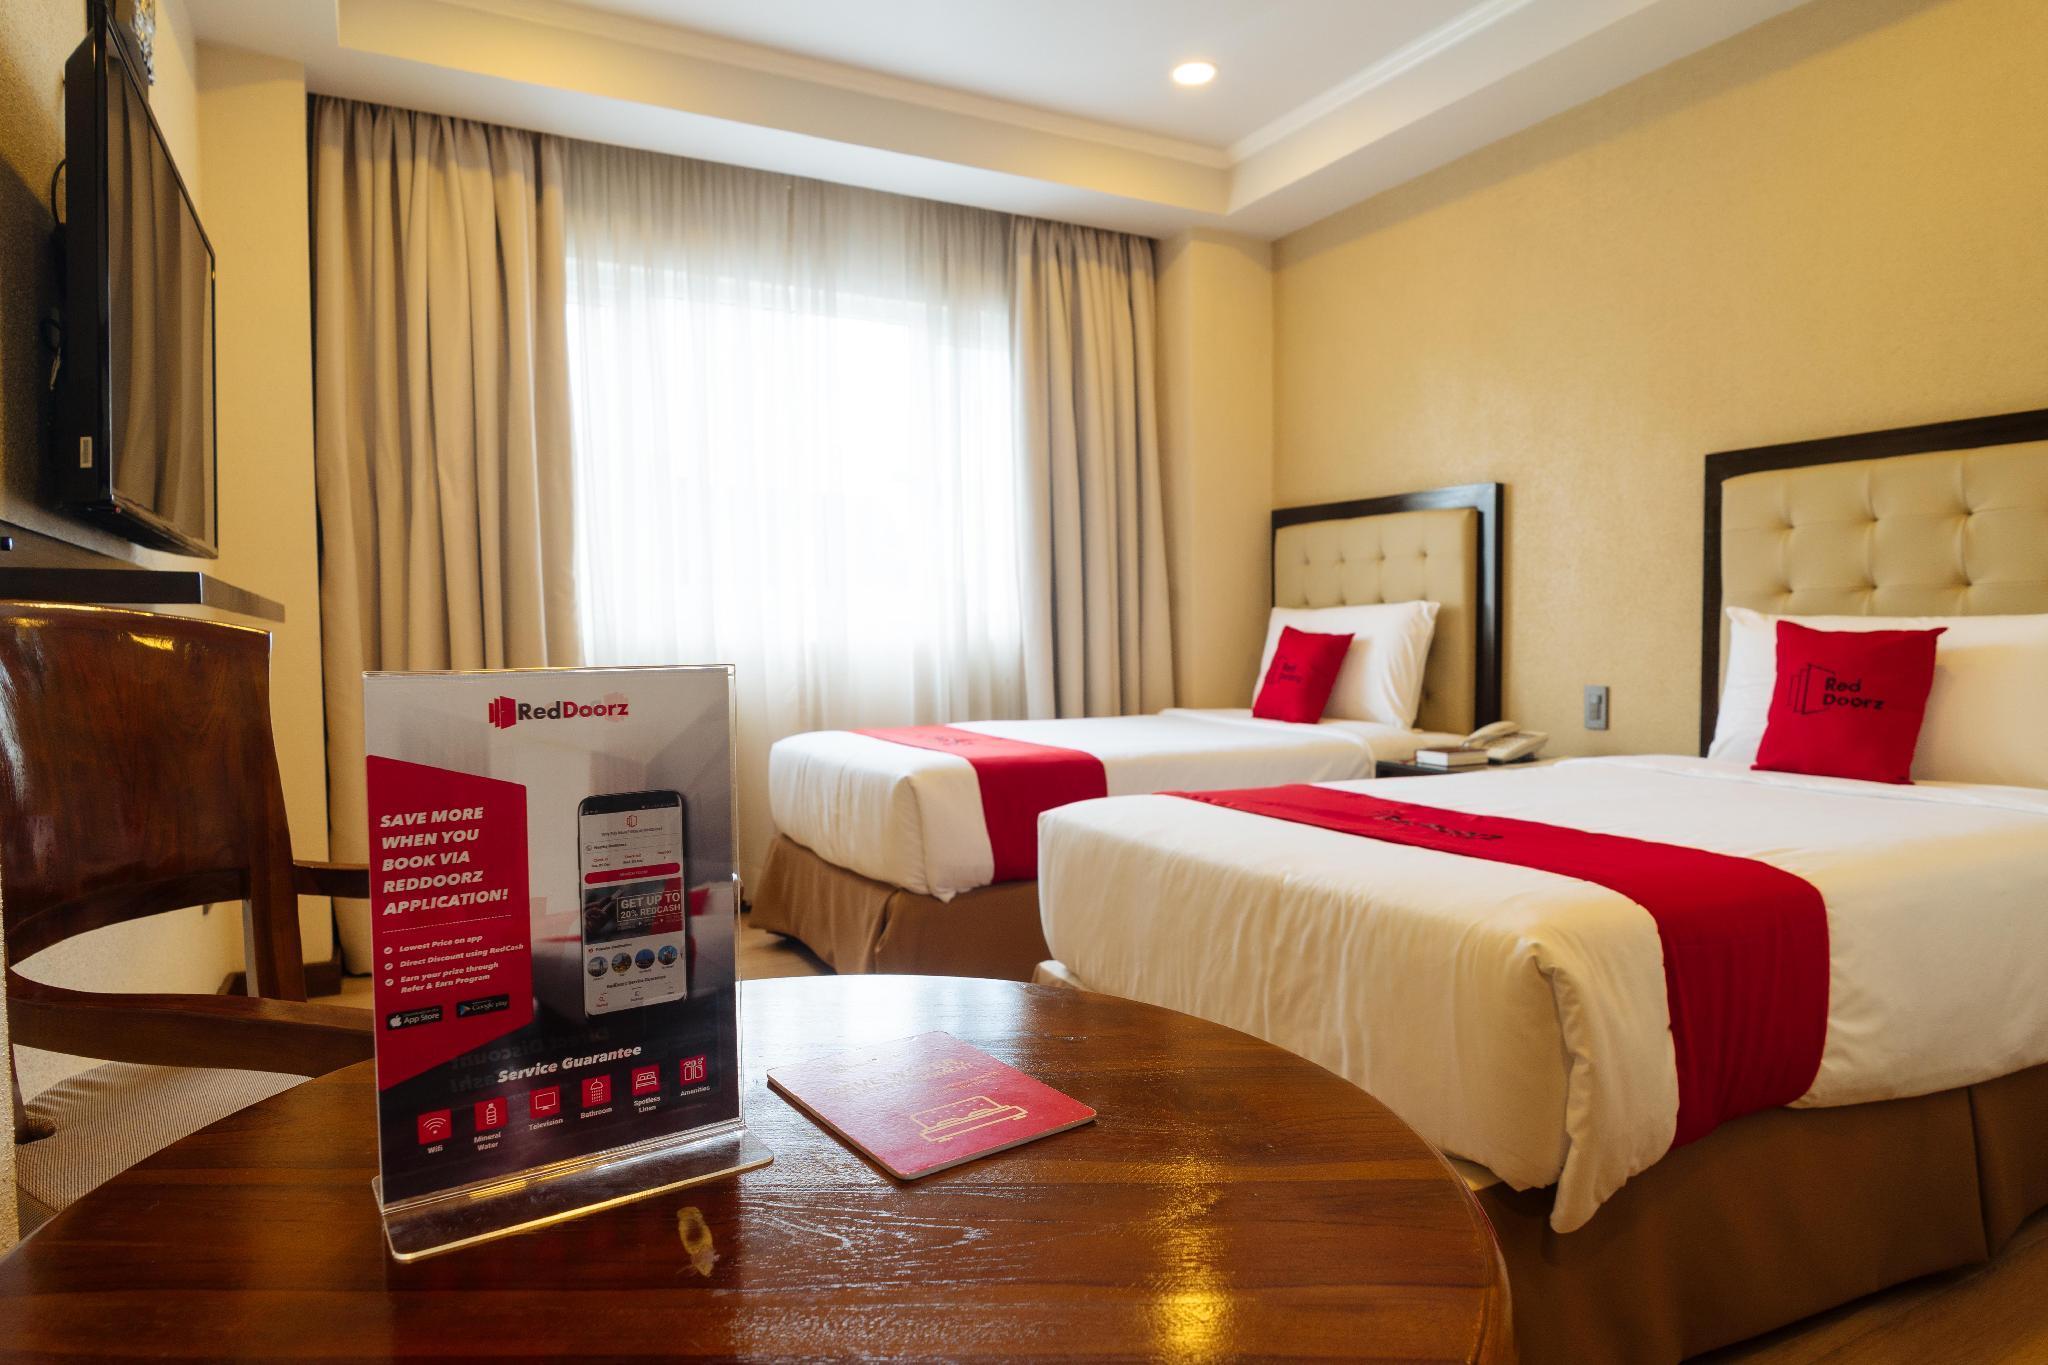 RedDoorz Premium @ Rimando Road Baguio